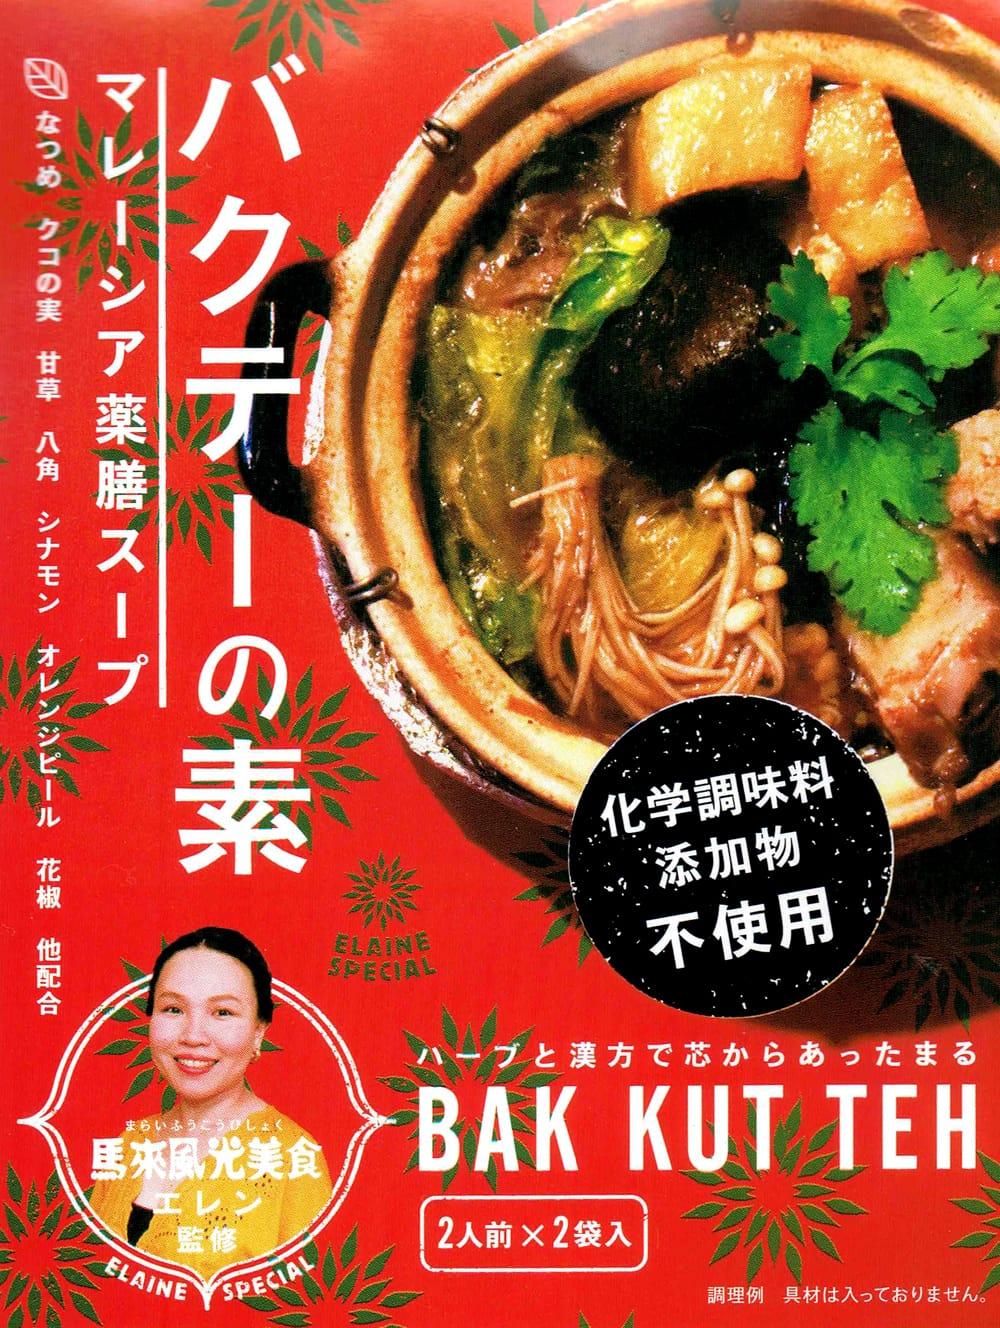 バクテーの素 - マレーシア薬膳スープ - BAK KUT THEの写真